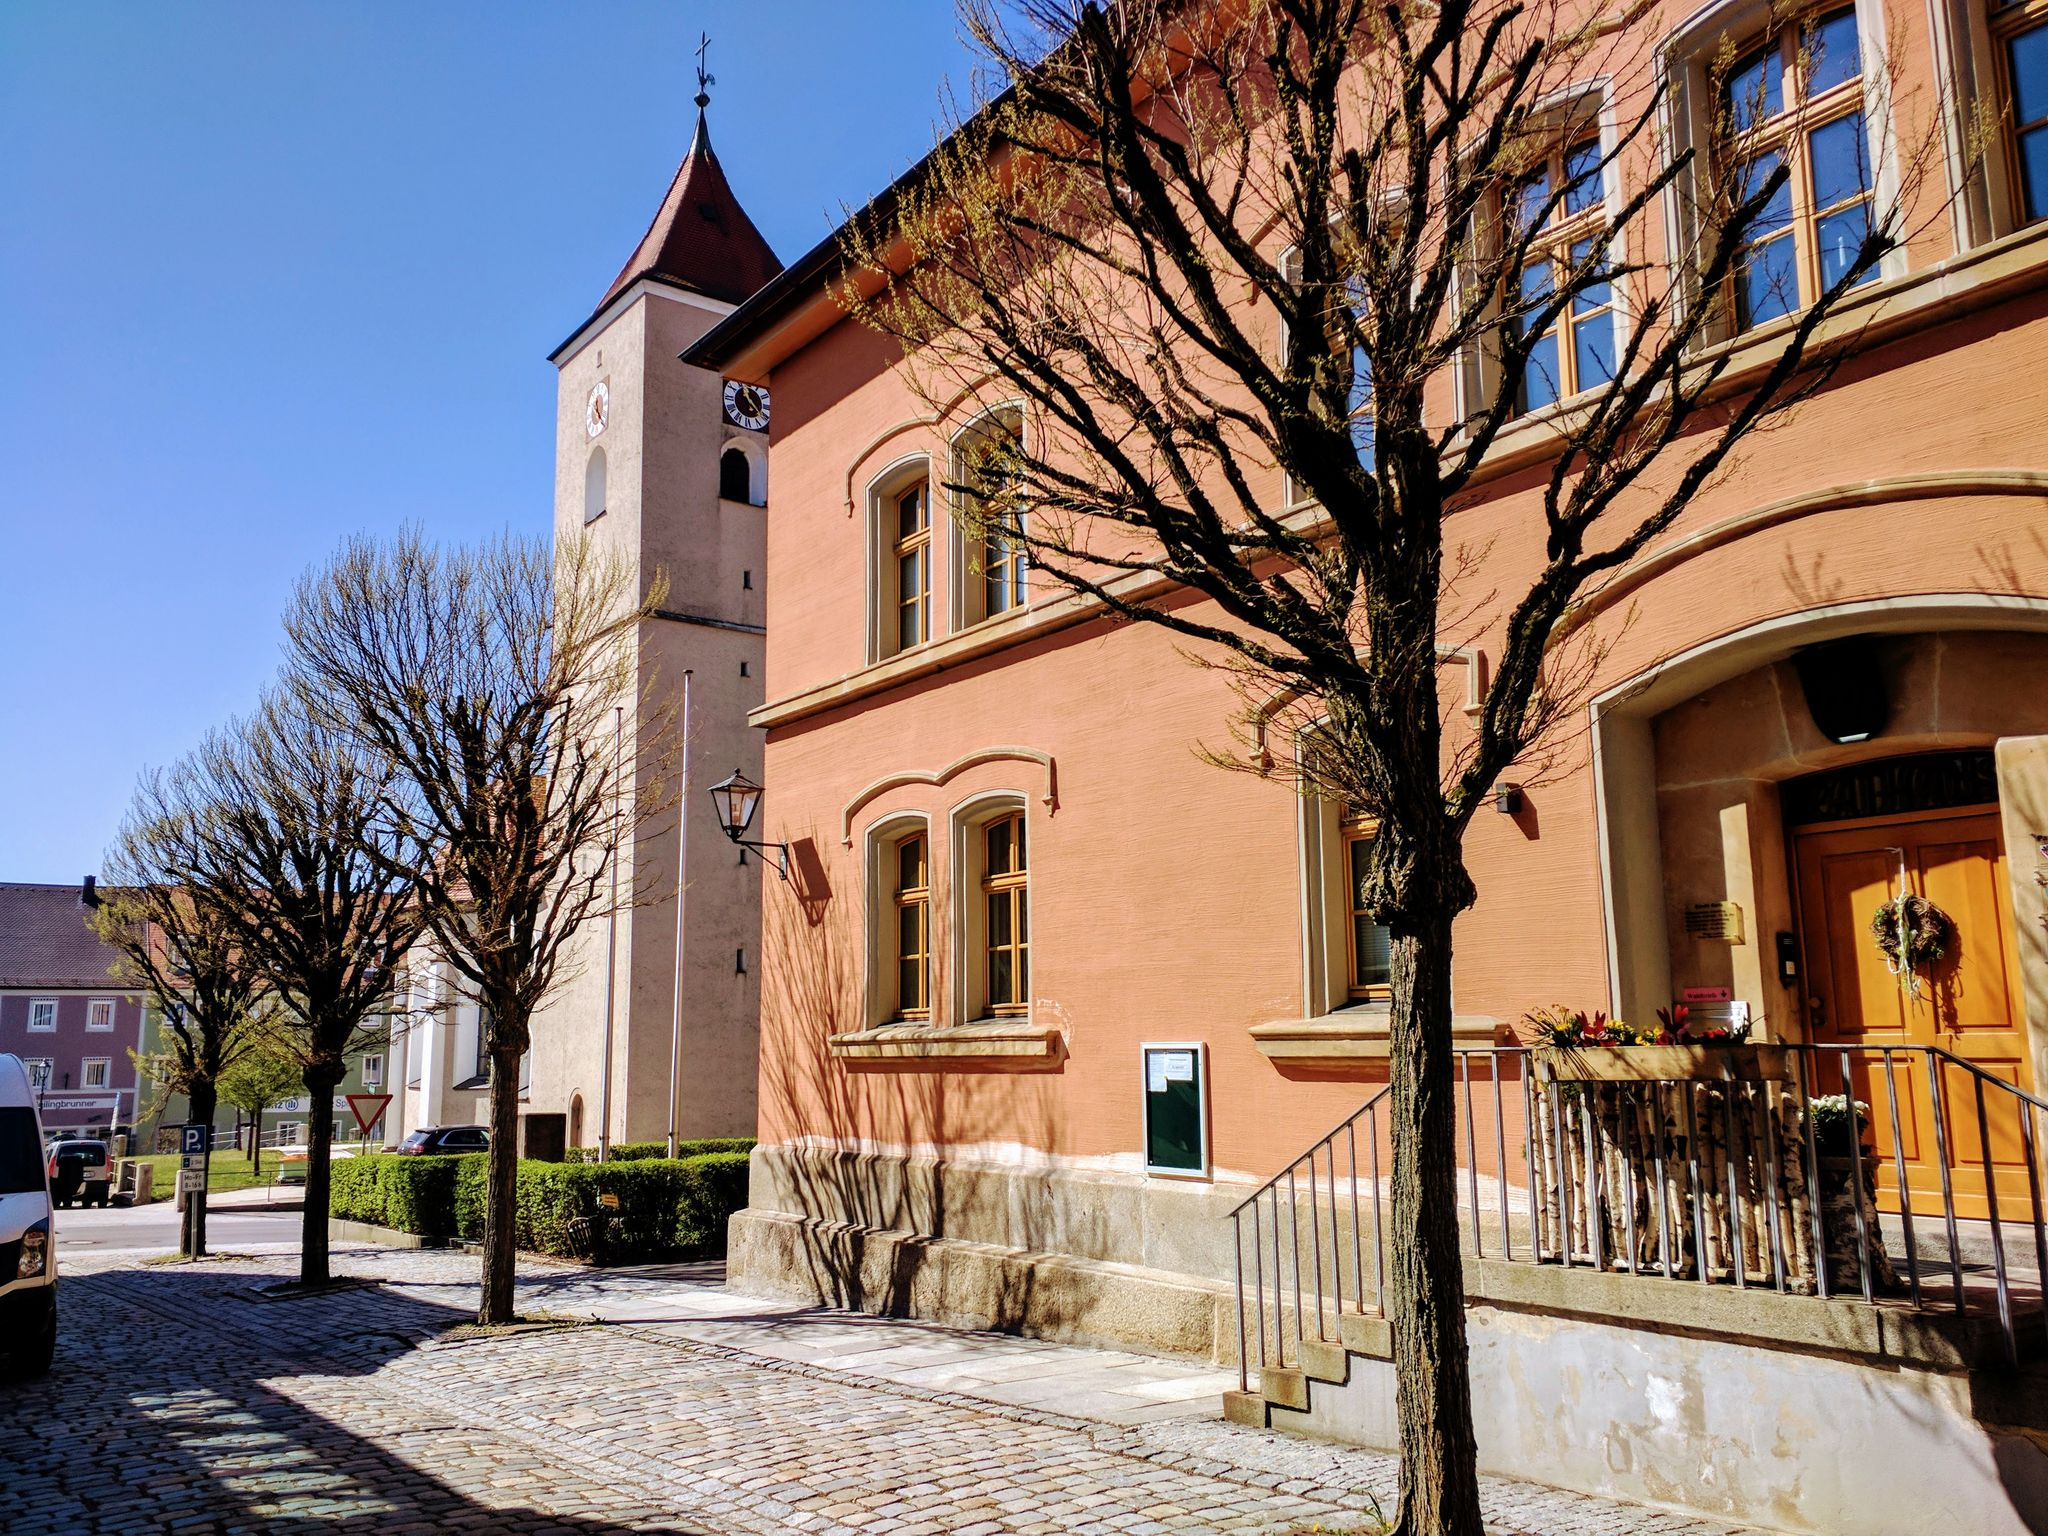 Trans Bayerwald - Rathaus und Kirche St. Martin in Rötz